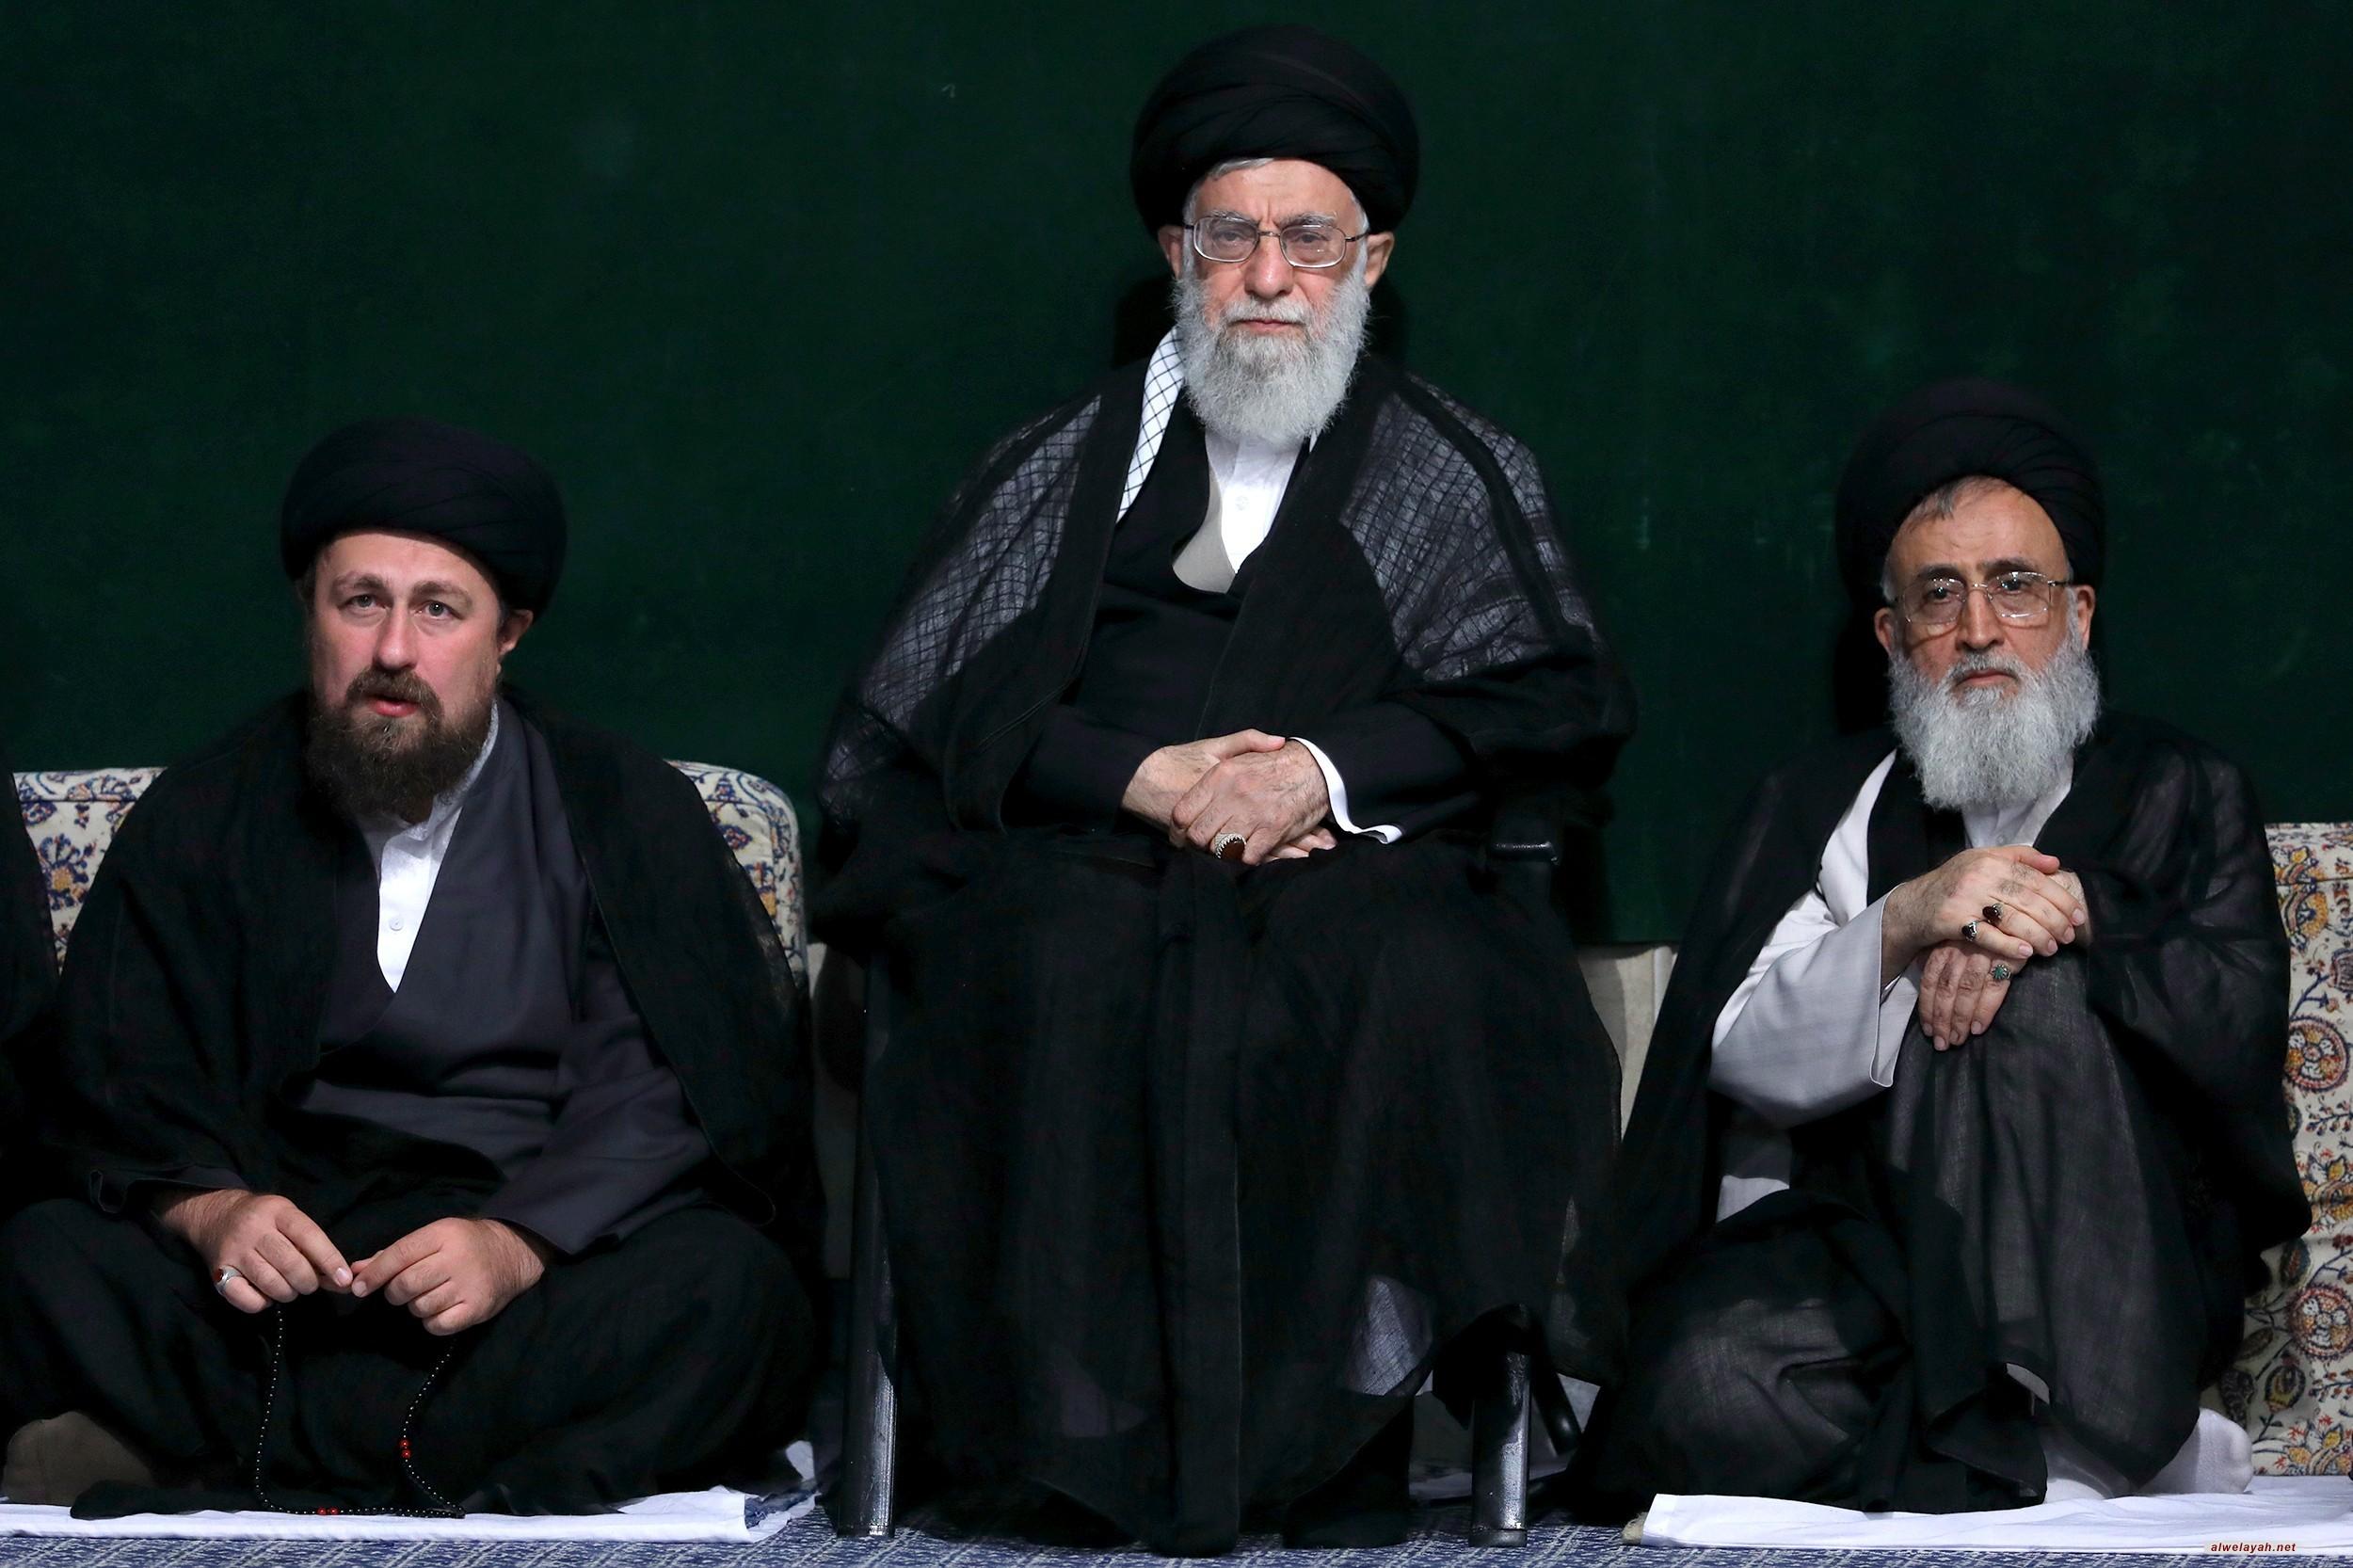 إقامة مراسم الليلة الثانية لعزاء سيد الشهداء أبي عبد الله الحسين (ع ) بحضور قائد الثورة الإسلامية